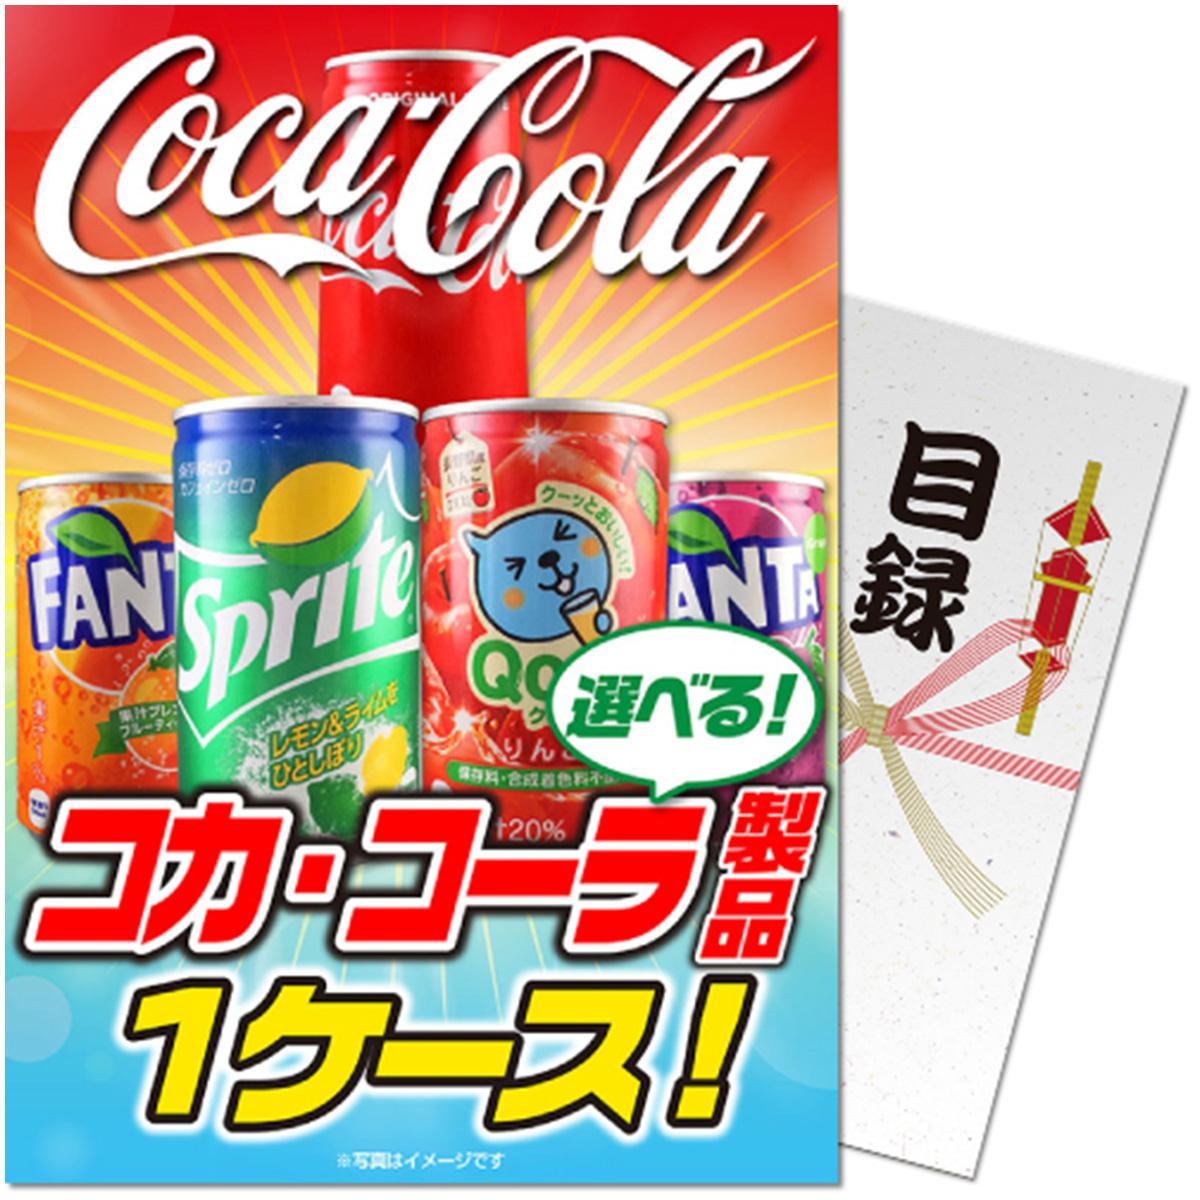 パネもく!選べる!コカ コーラ製品1ケース! 目録 A4パネル付き